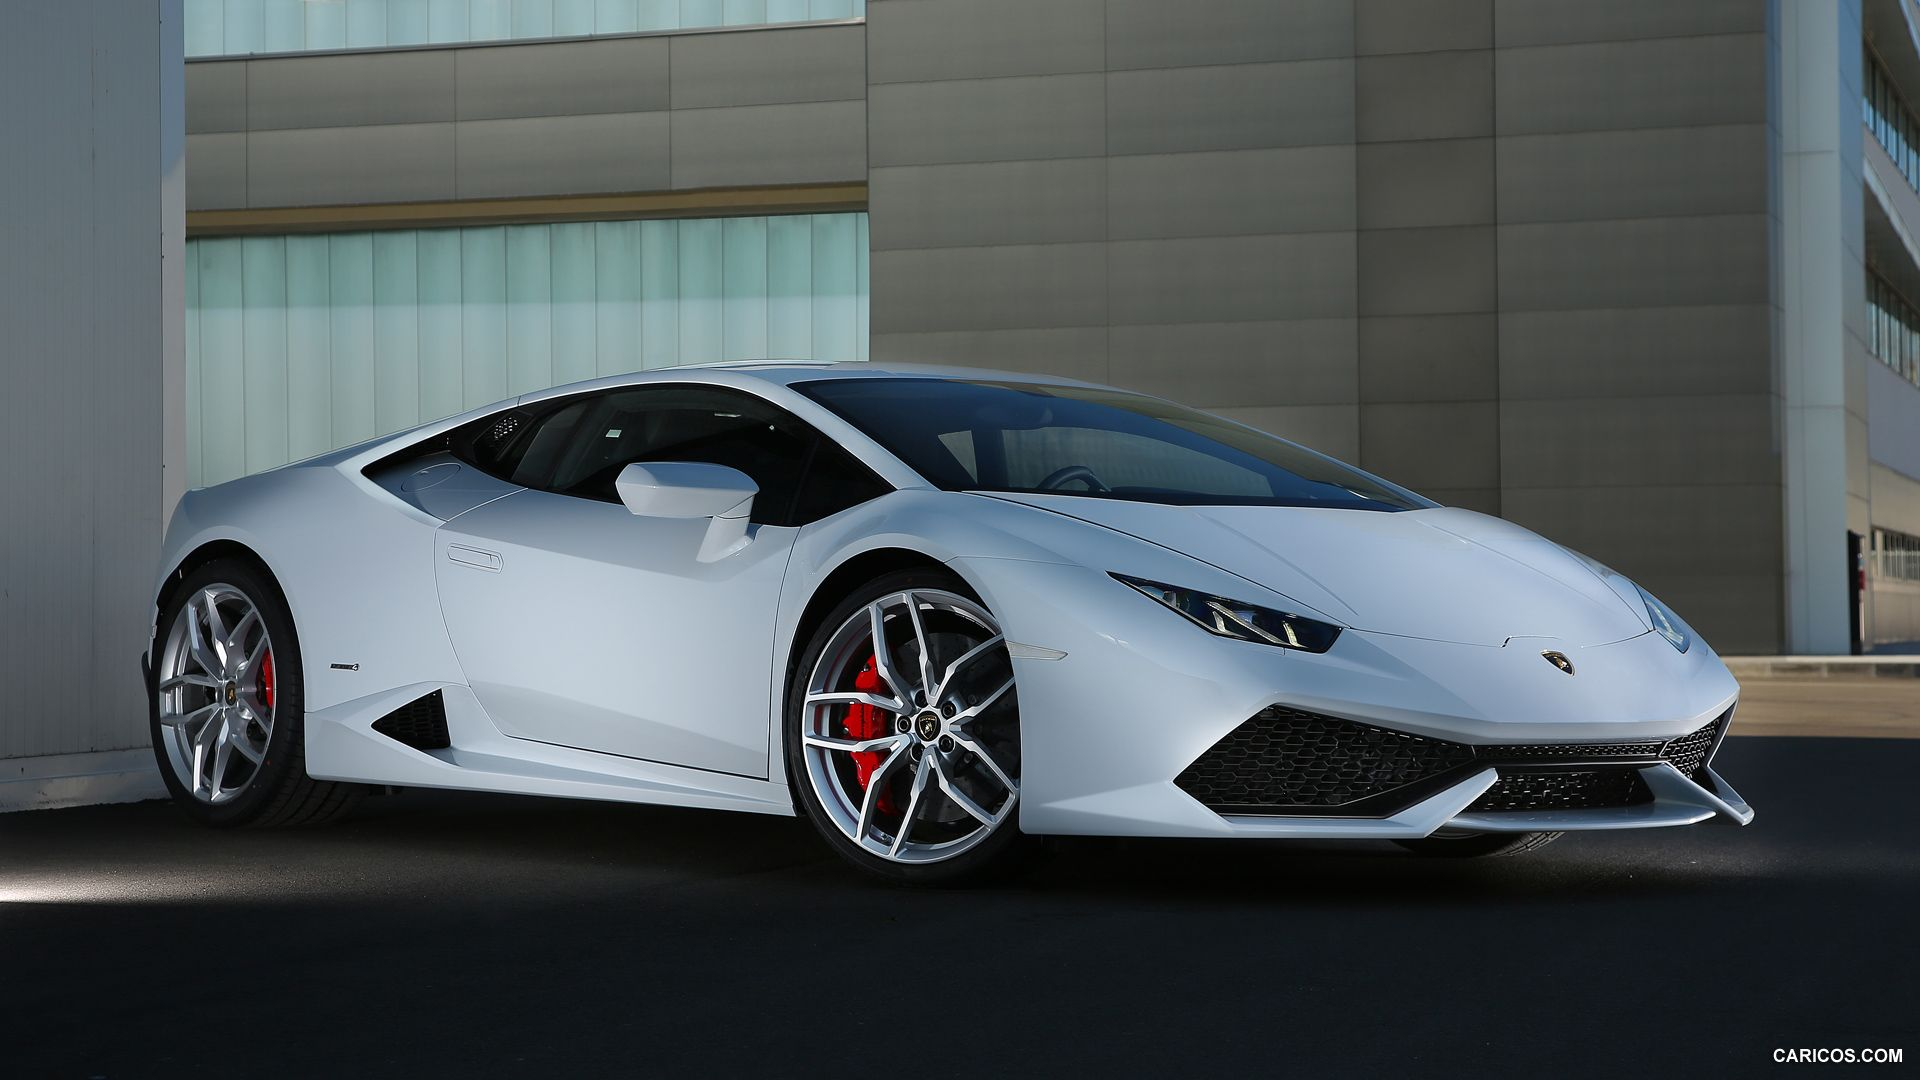 75d3521c0822fea77844f9d95b9b54e0 Amazing 2015 Lamborghini Huracan Price Per Month Cars Trend